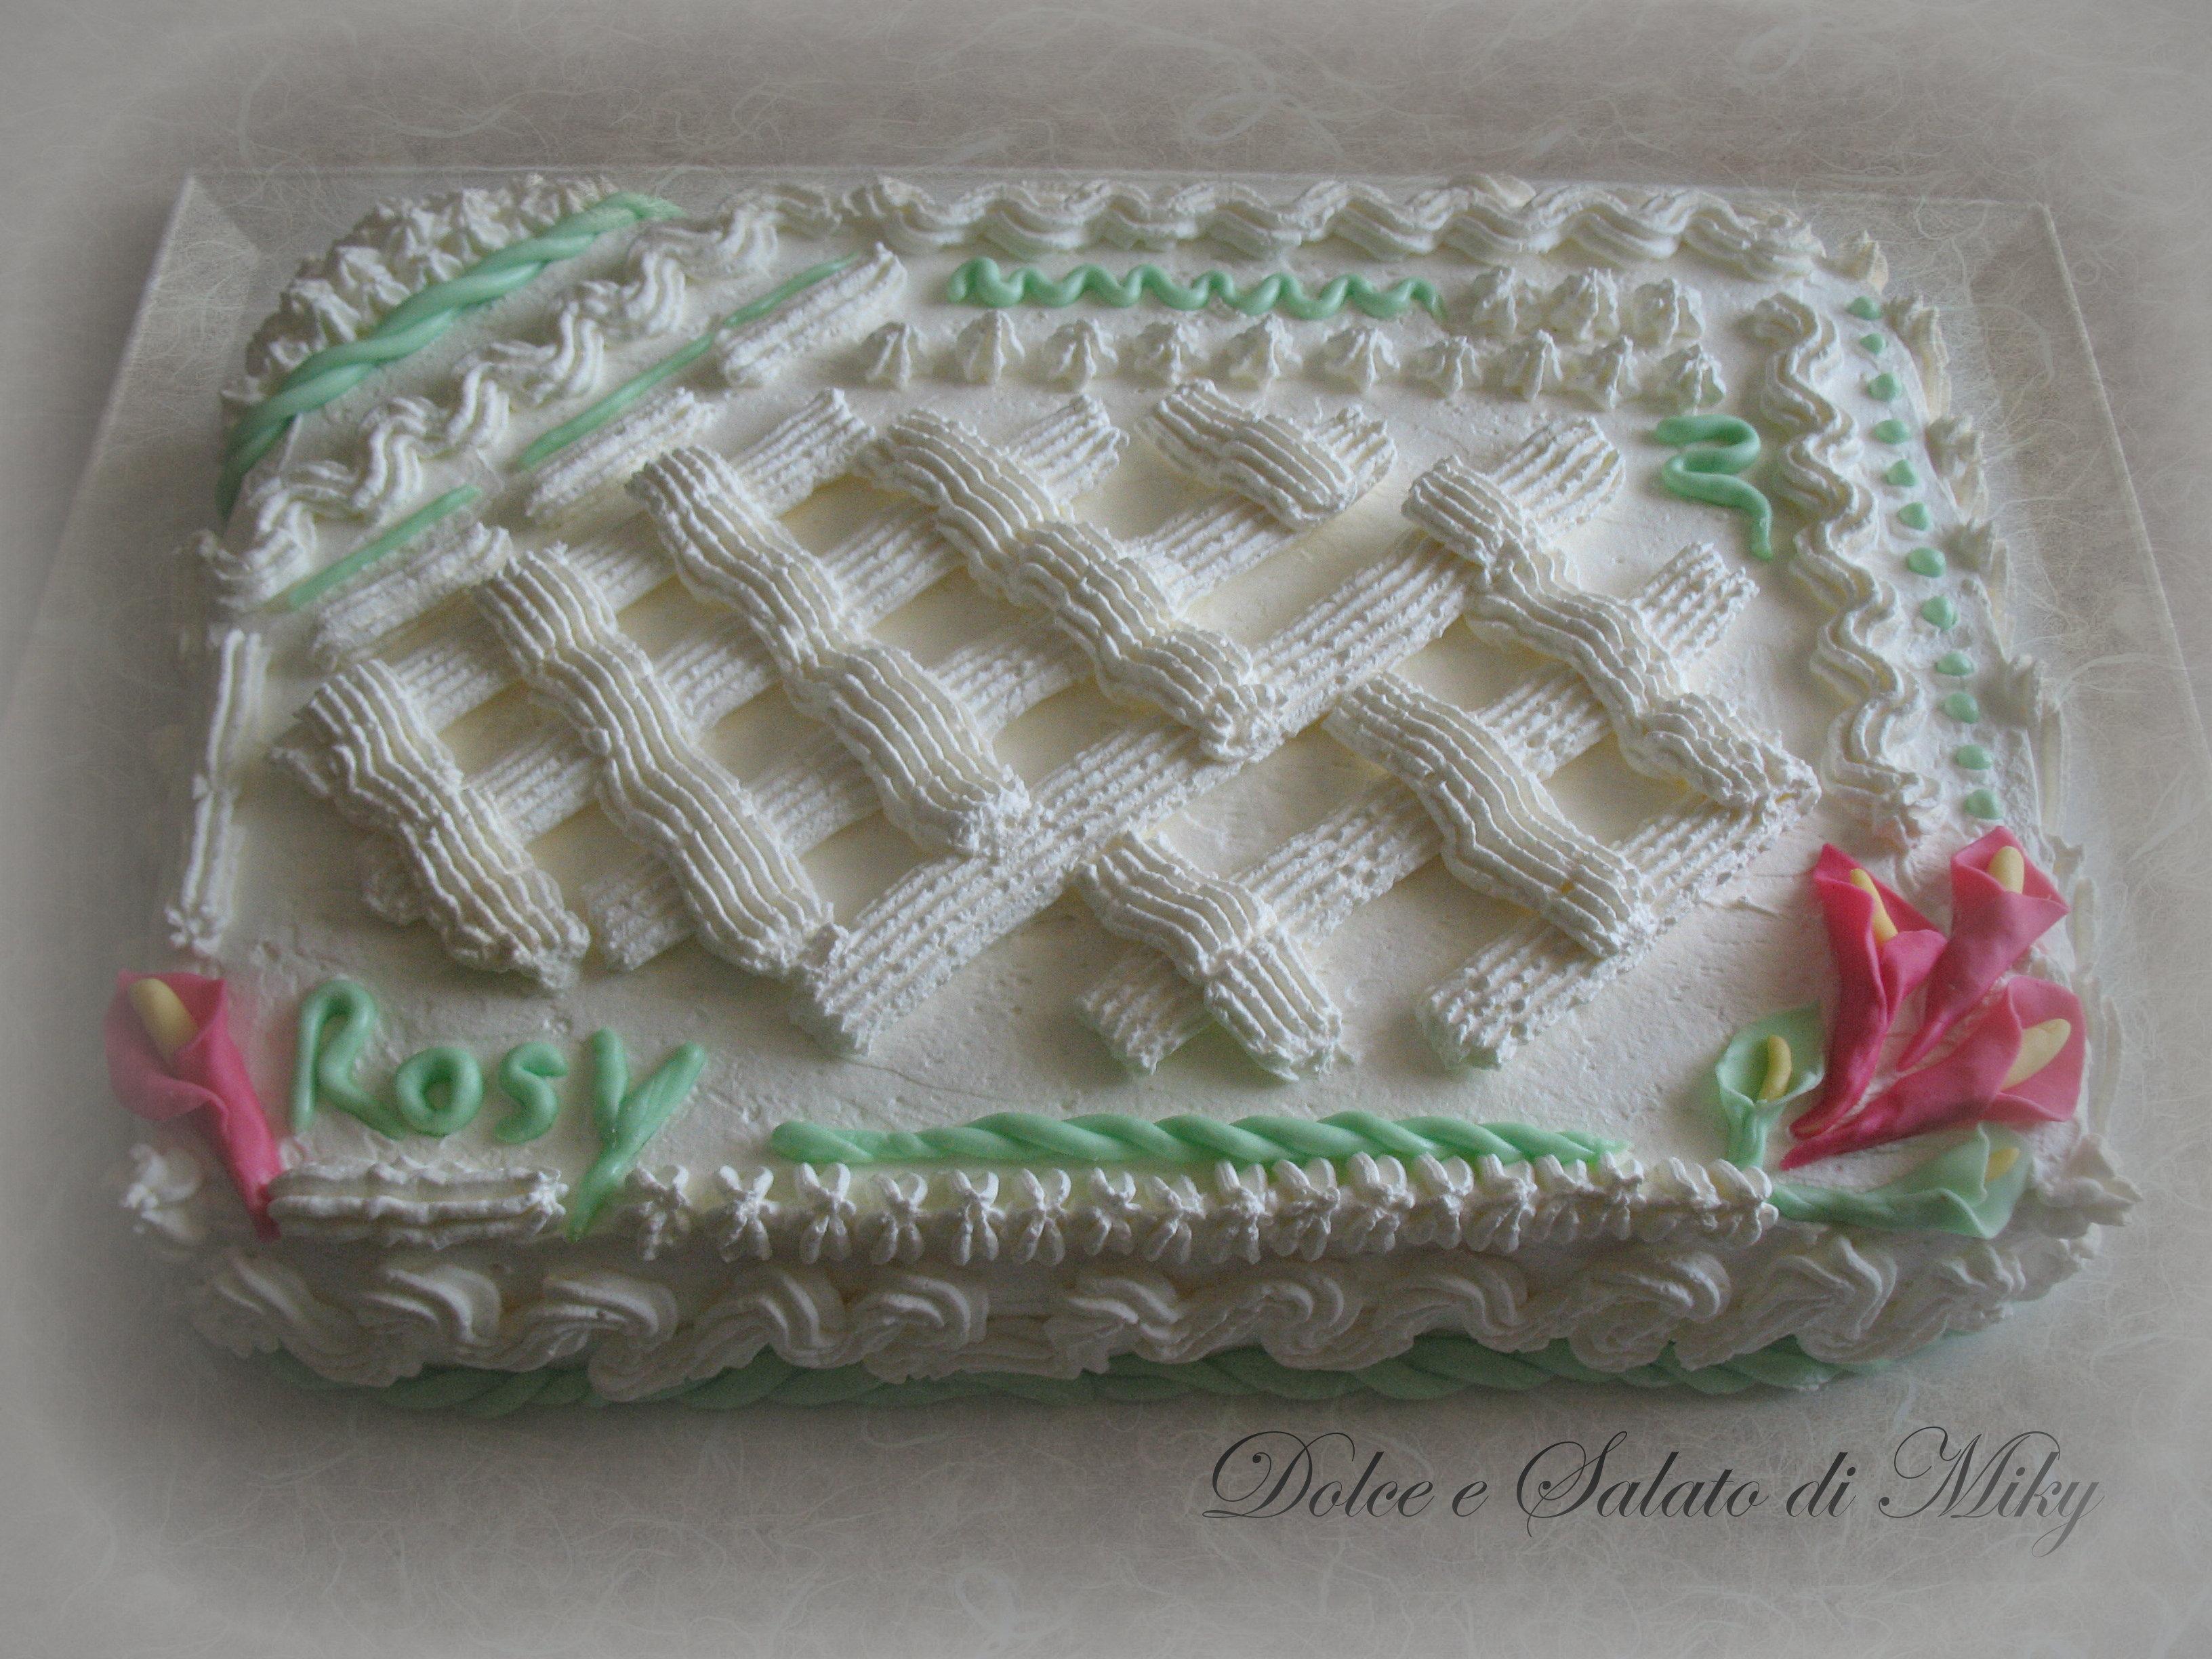 Torta con crema ai frutti di bosco e panna for Decorazioni torte uomo con panna